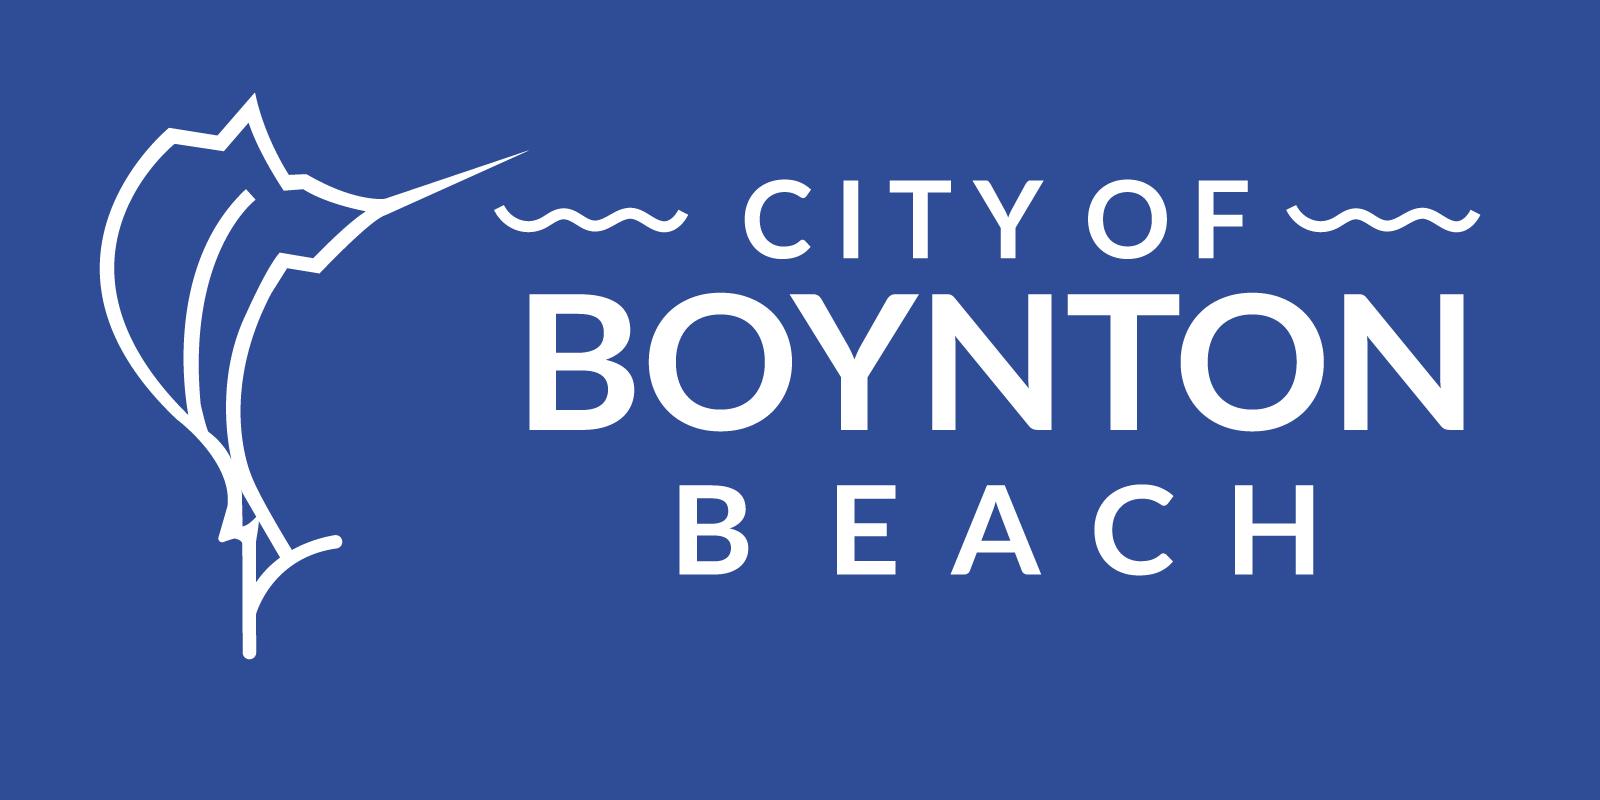 City Of Boynton Beach Blue Color Logo